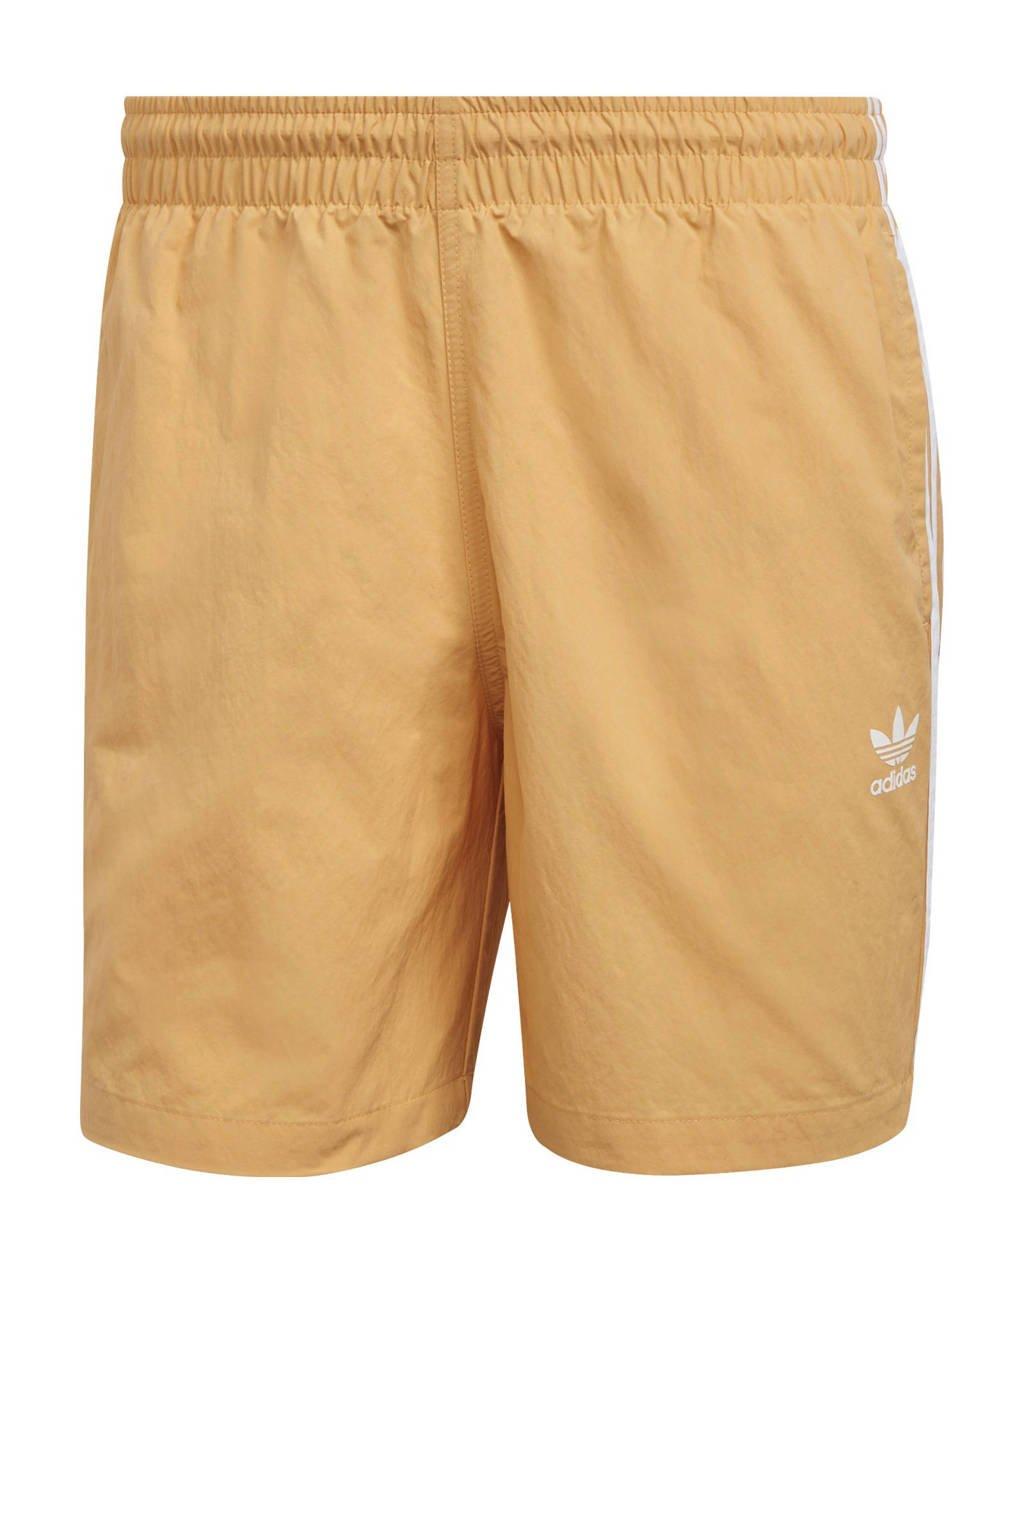 adidas Originals Adicolor short oranje, Oranje